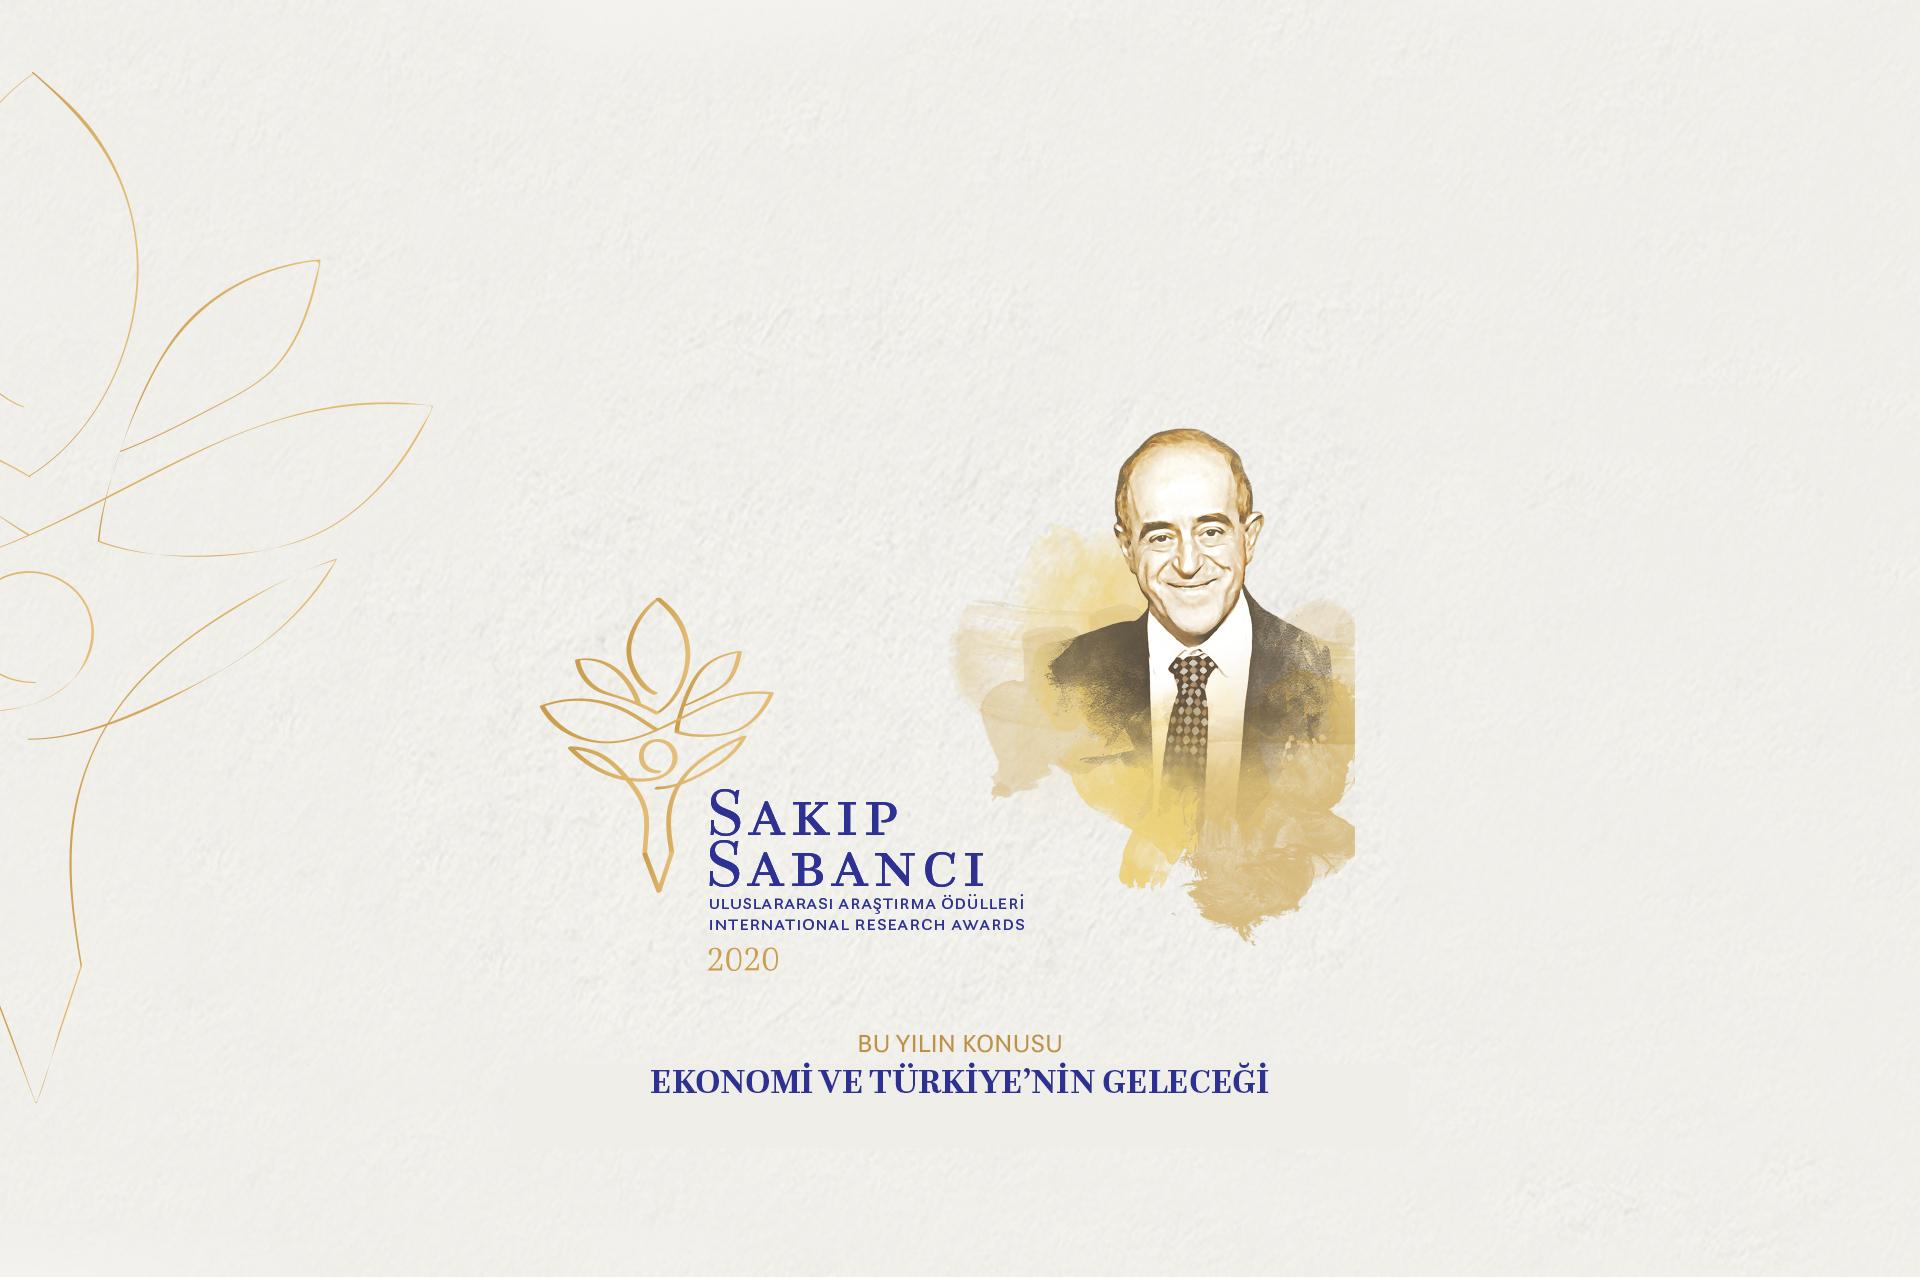 """Sabancı Üniversitesi Kurucu Mütevelli Heyeti Başkanı Güler Sabancı: """"Dünya büyük bir sınav verirken, rehberimiz bilim olmalı"""""""